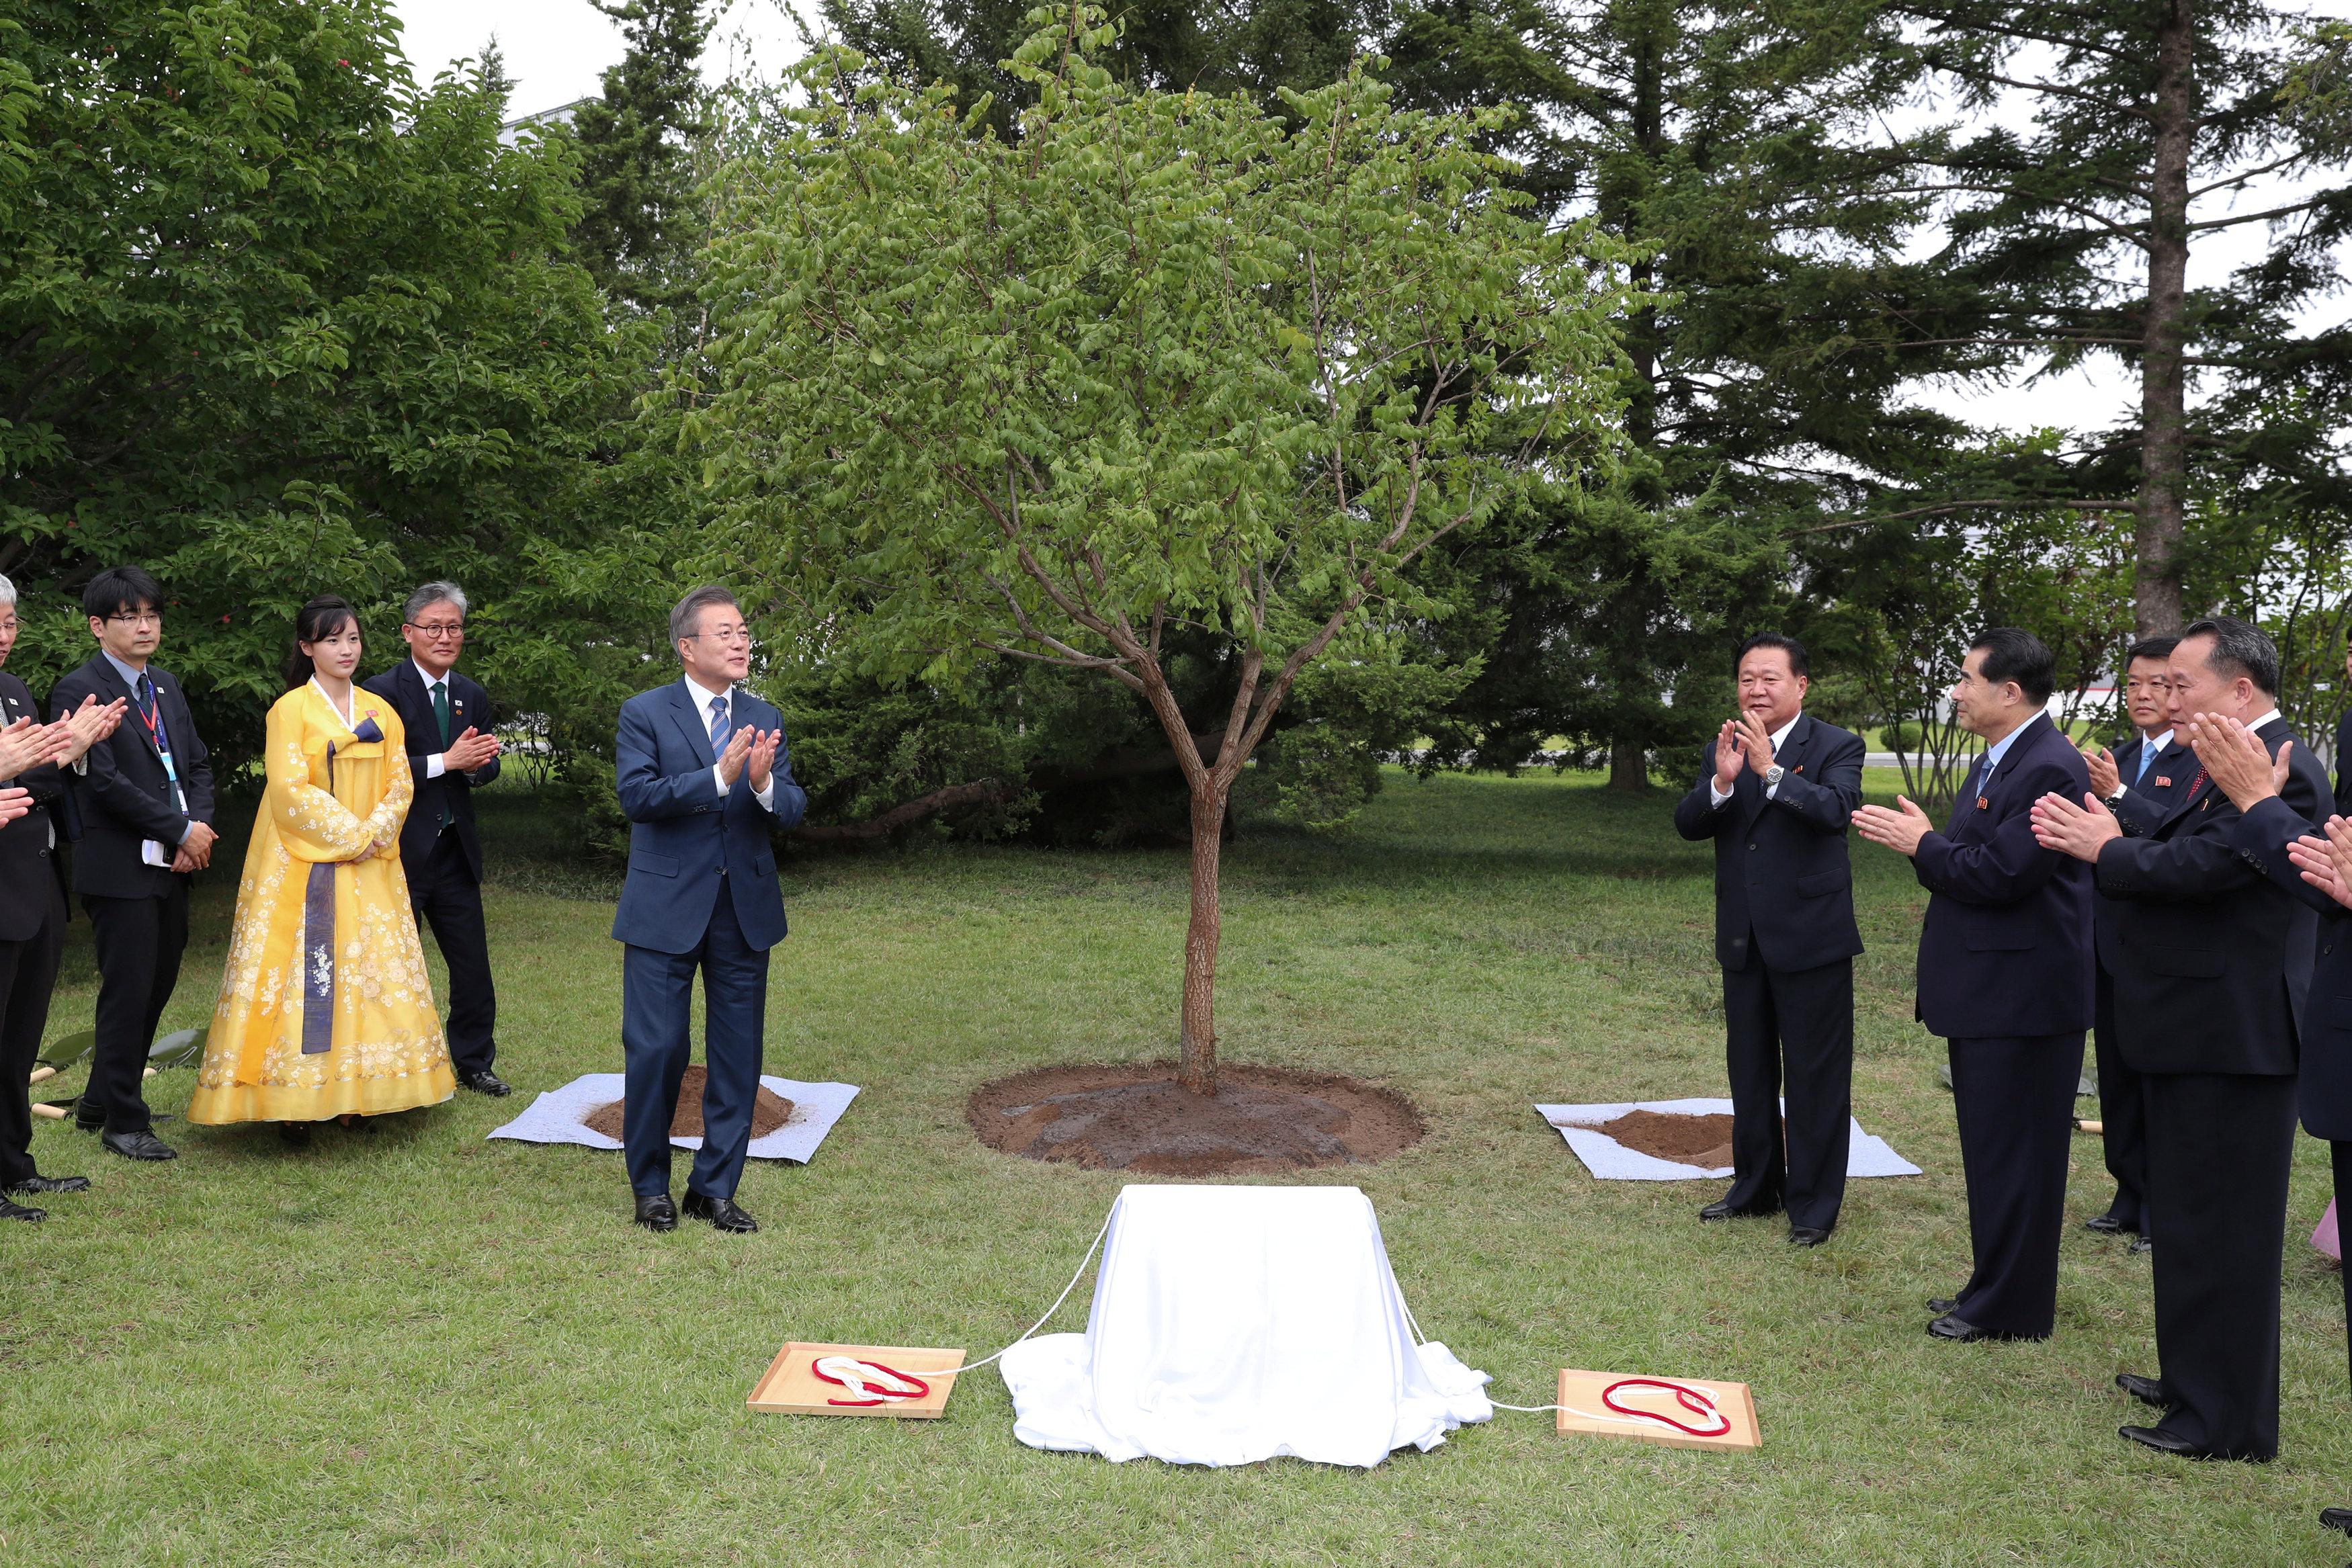 الرئيس الكورى الجنوبى أثناء إزاحة الستار عن شجرة تذكارية فى بيونج يانج